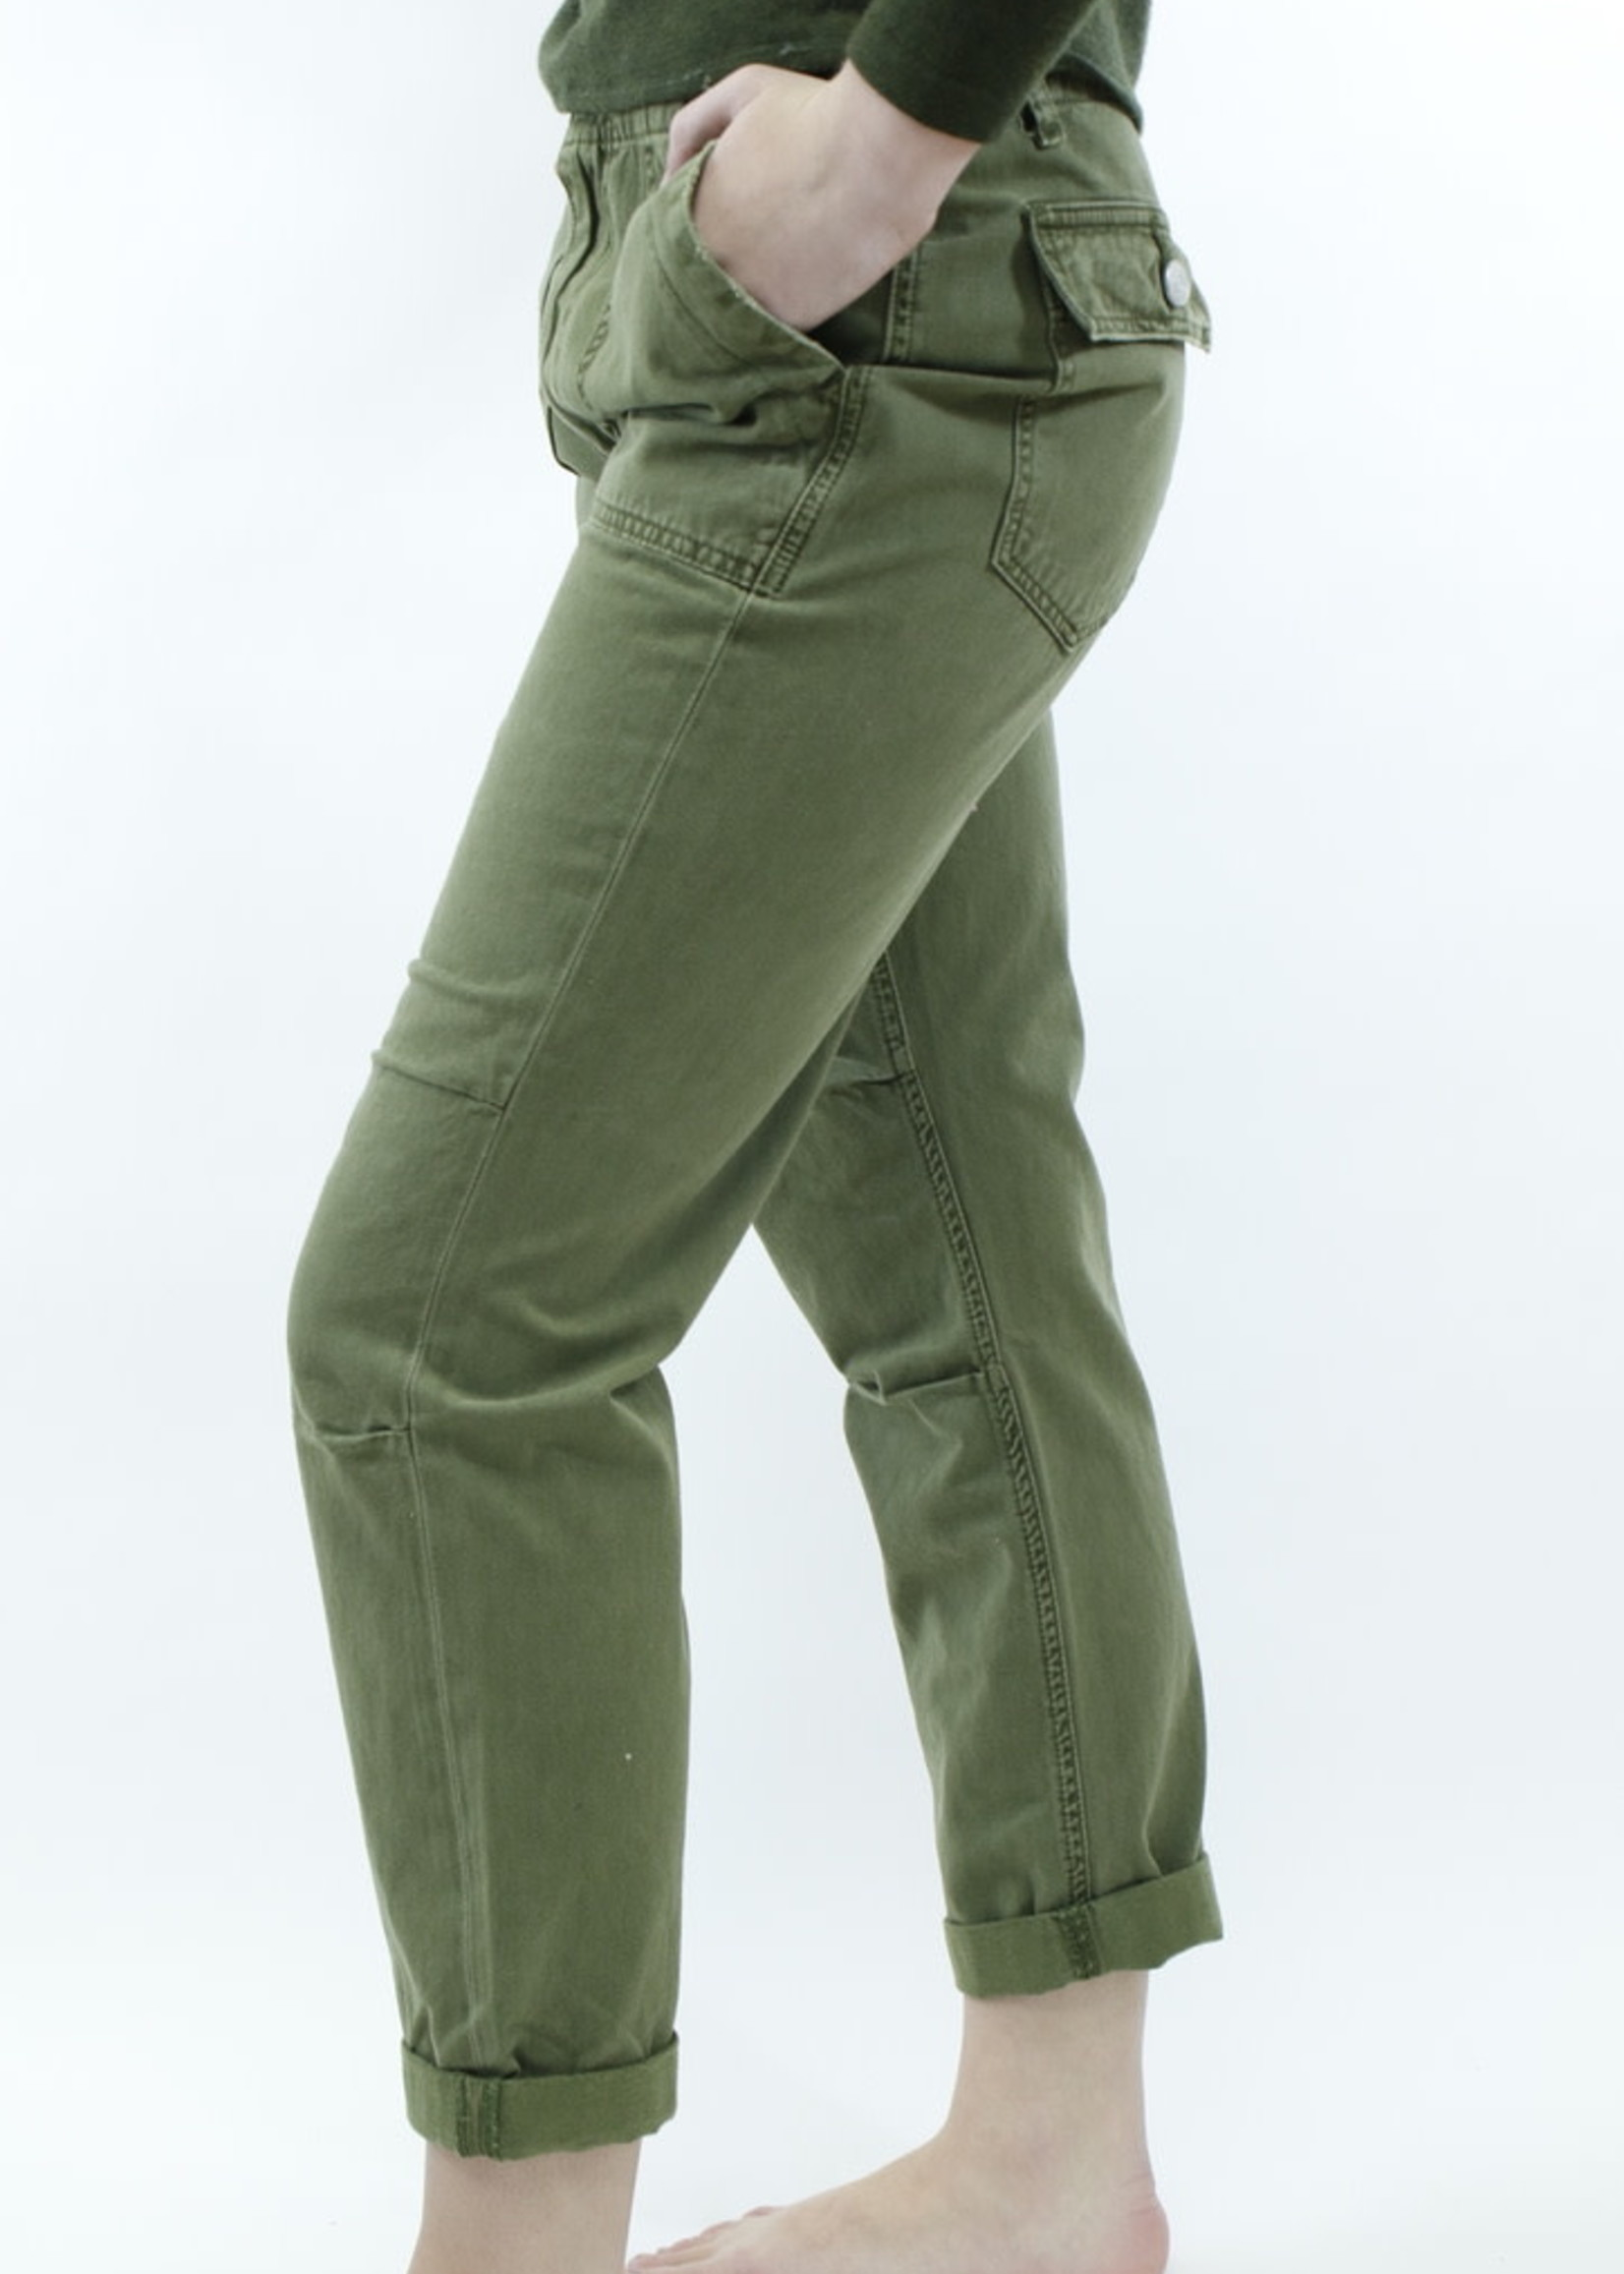 SOCIALITE Austin Army Pant